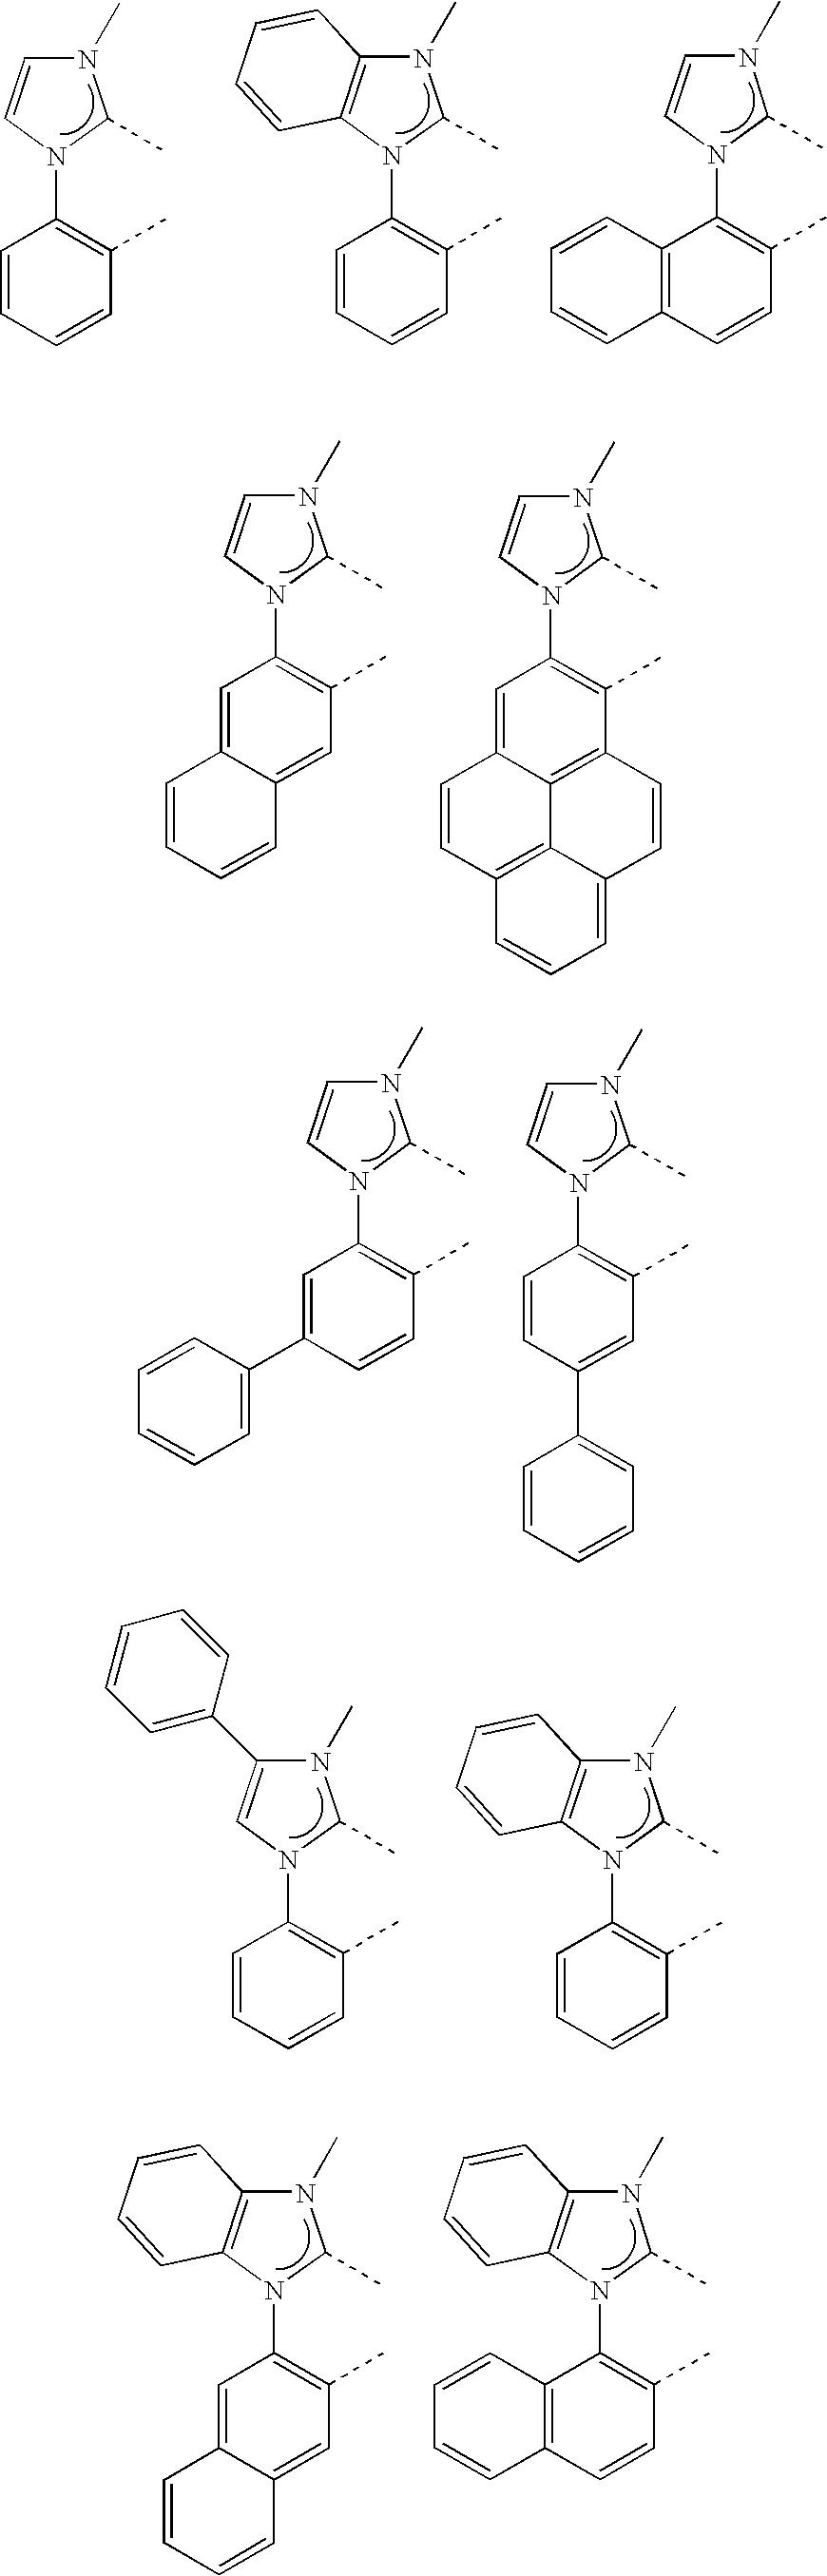 Figure US07491823-20090217-C00032